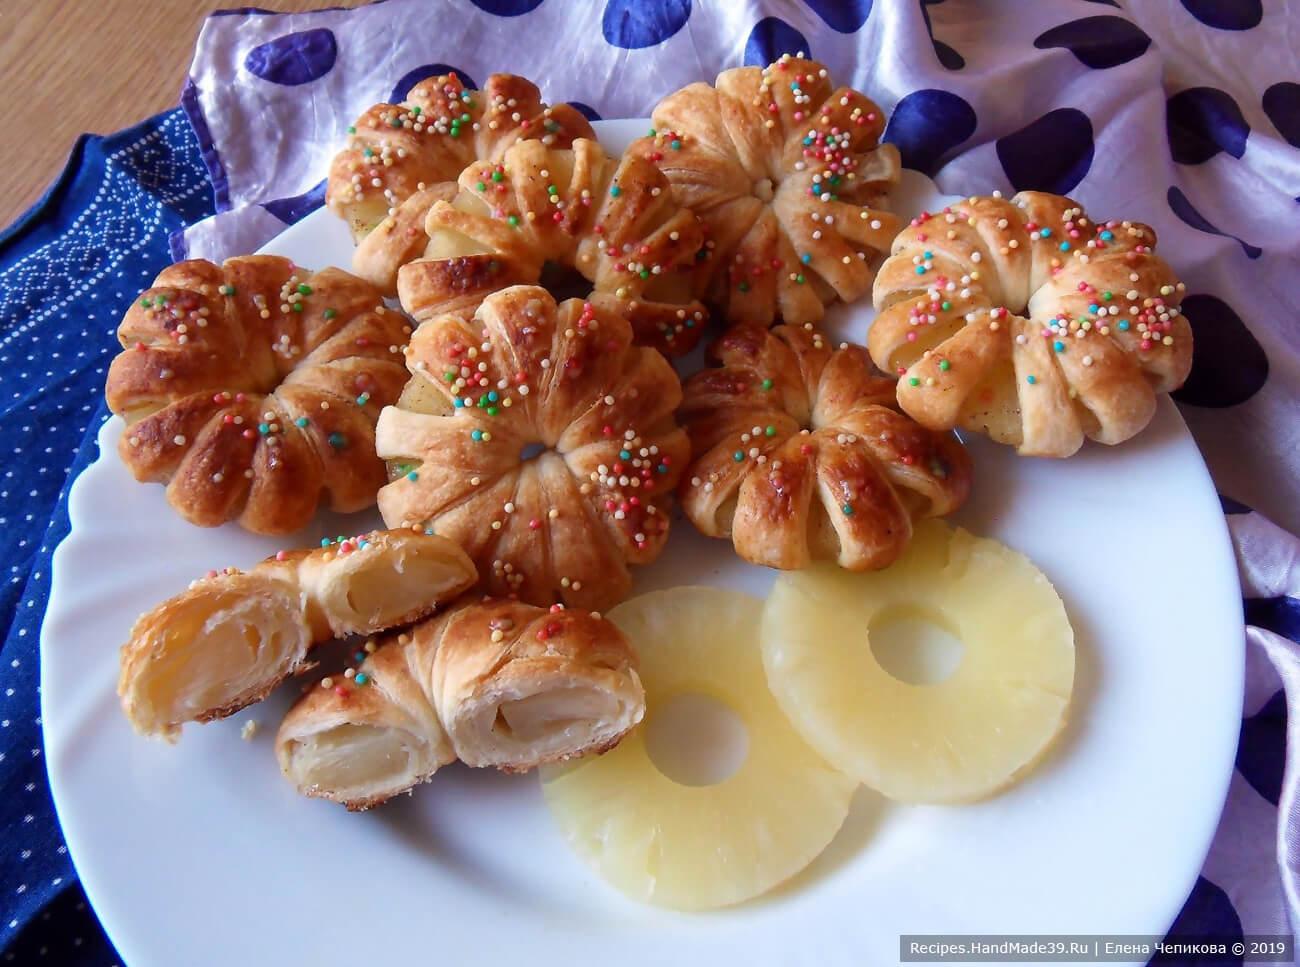 Слойка с ананасами – пошаговый кулинарный рецепт с фото